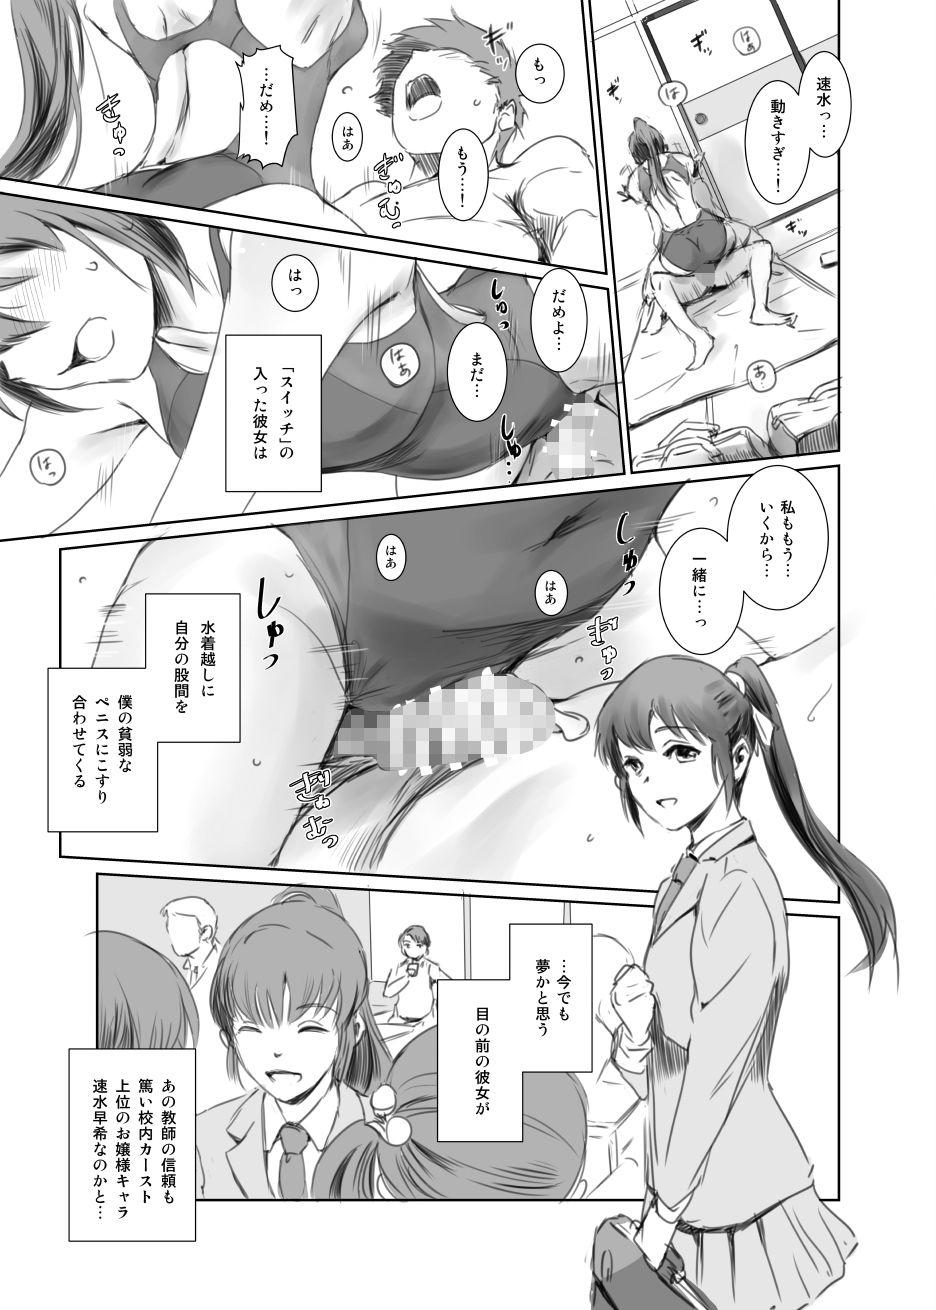 【エロ漫画無料大全集】【NTRえろまんが】彼氏との大切な場所で鬼畜野郎に犯される美少女の結末が…